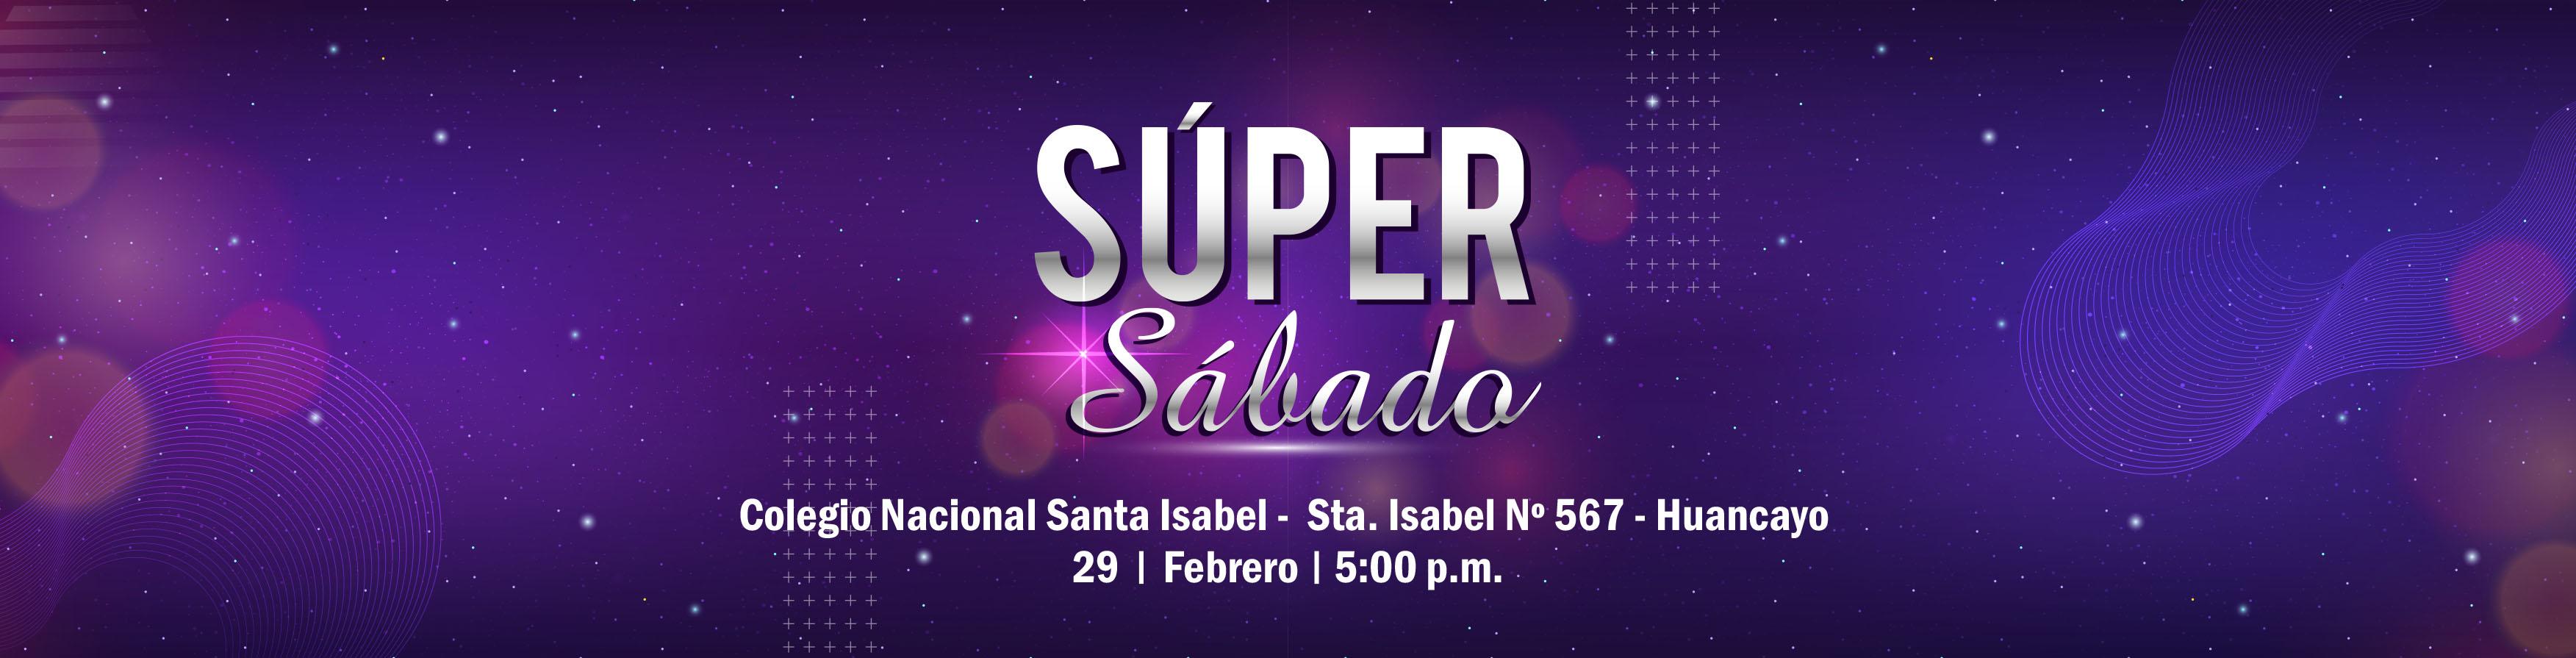 SUPER-SABADO-WEB